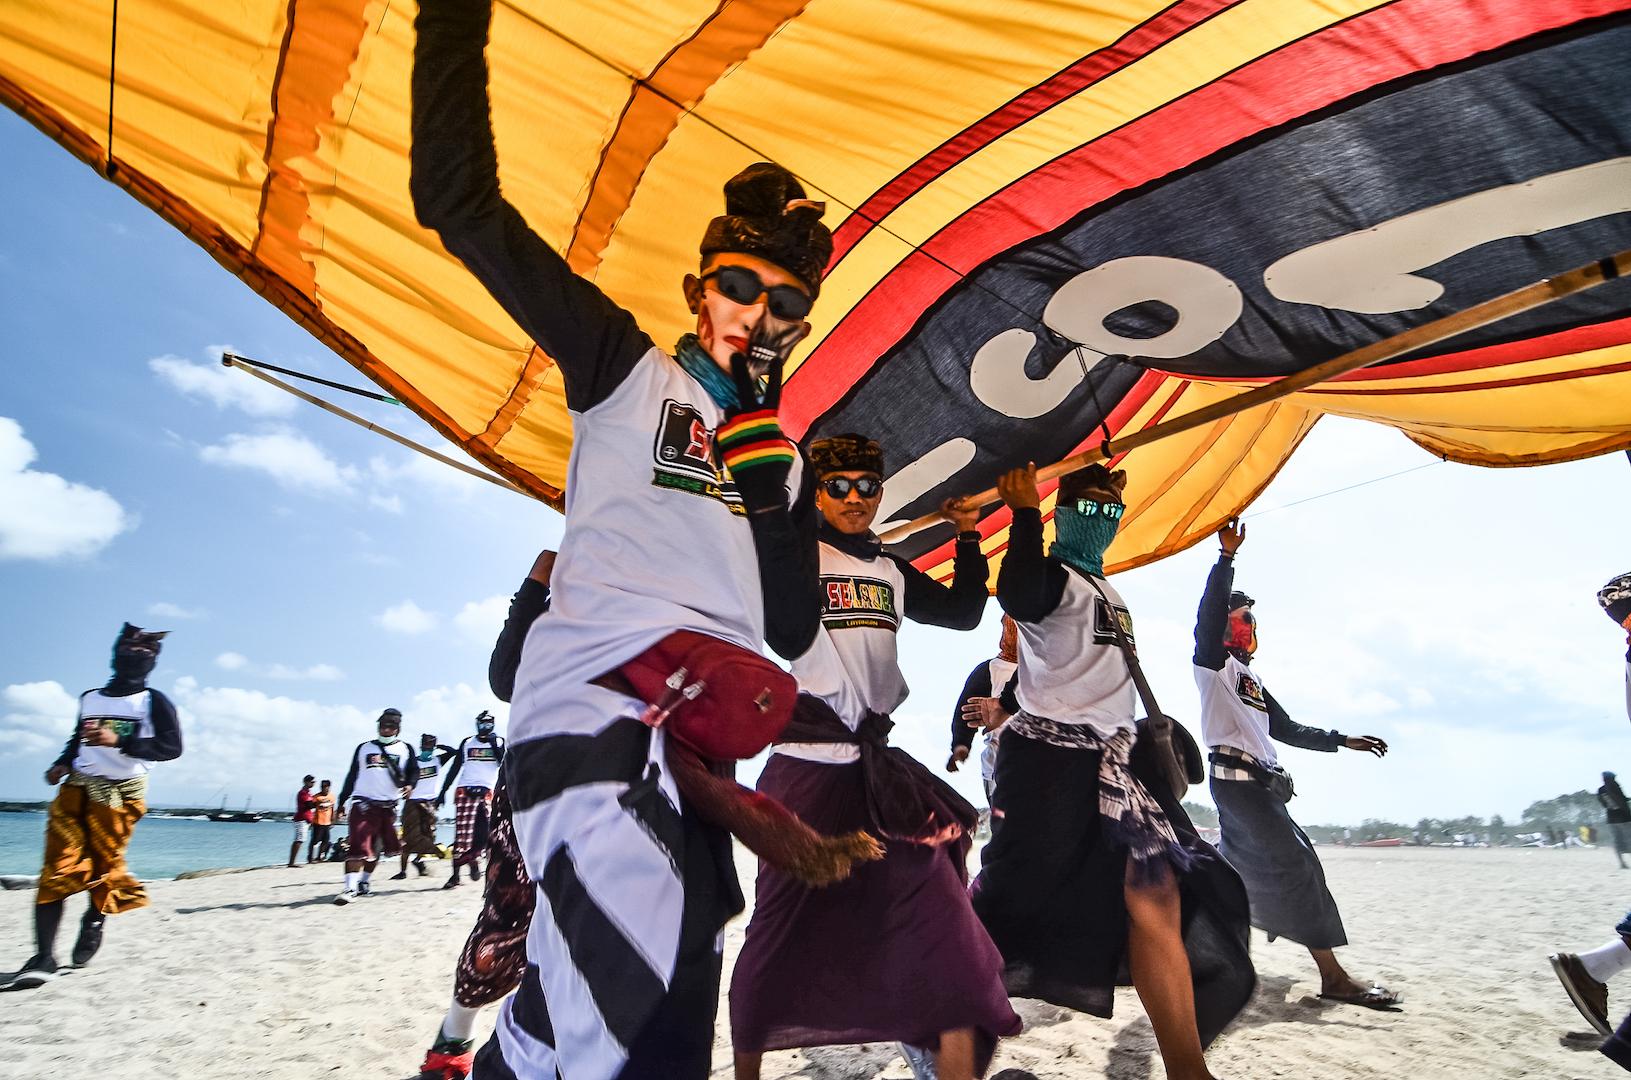 Kite Festival of Bali